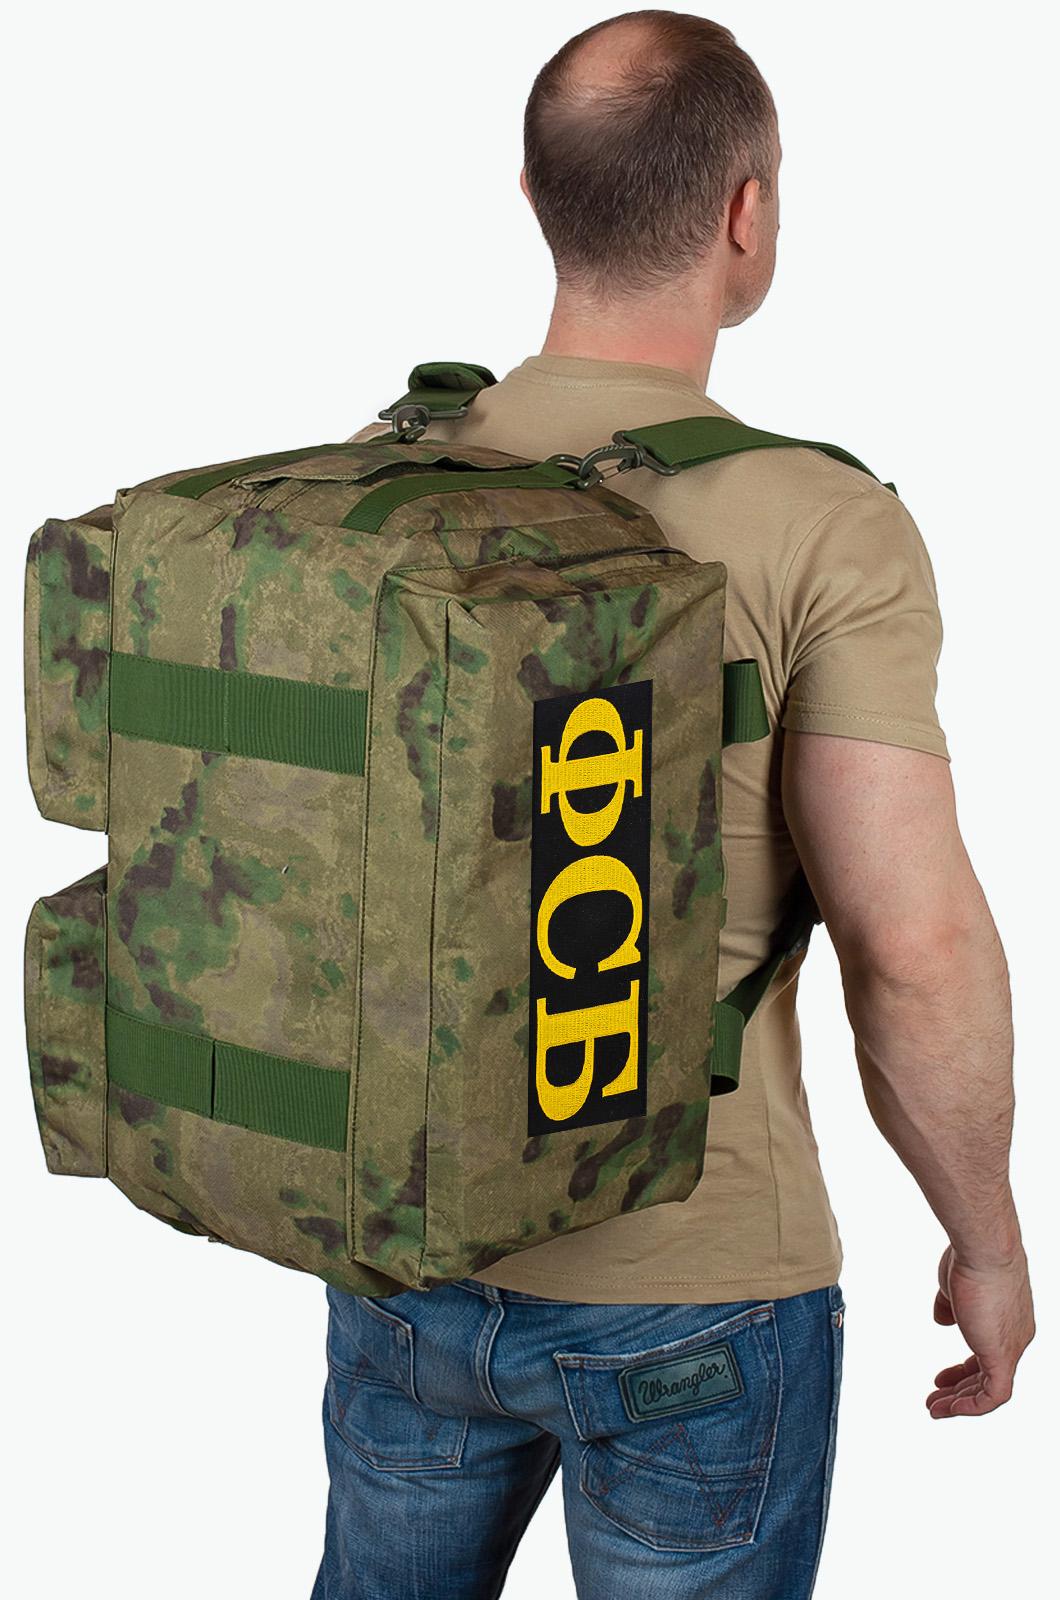 Купить камуфляжную походную сумку ФСБ по лучшей цене онлайн